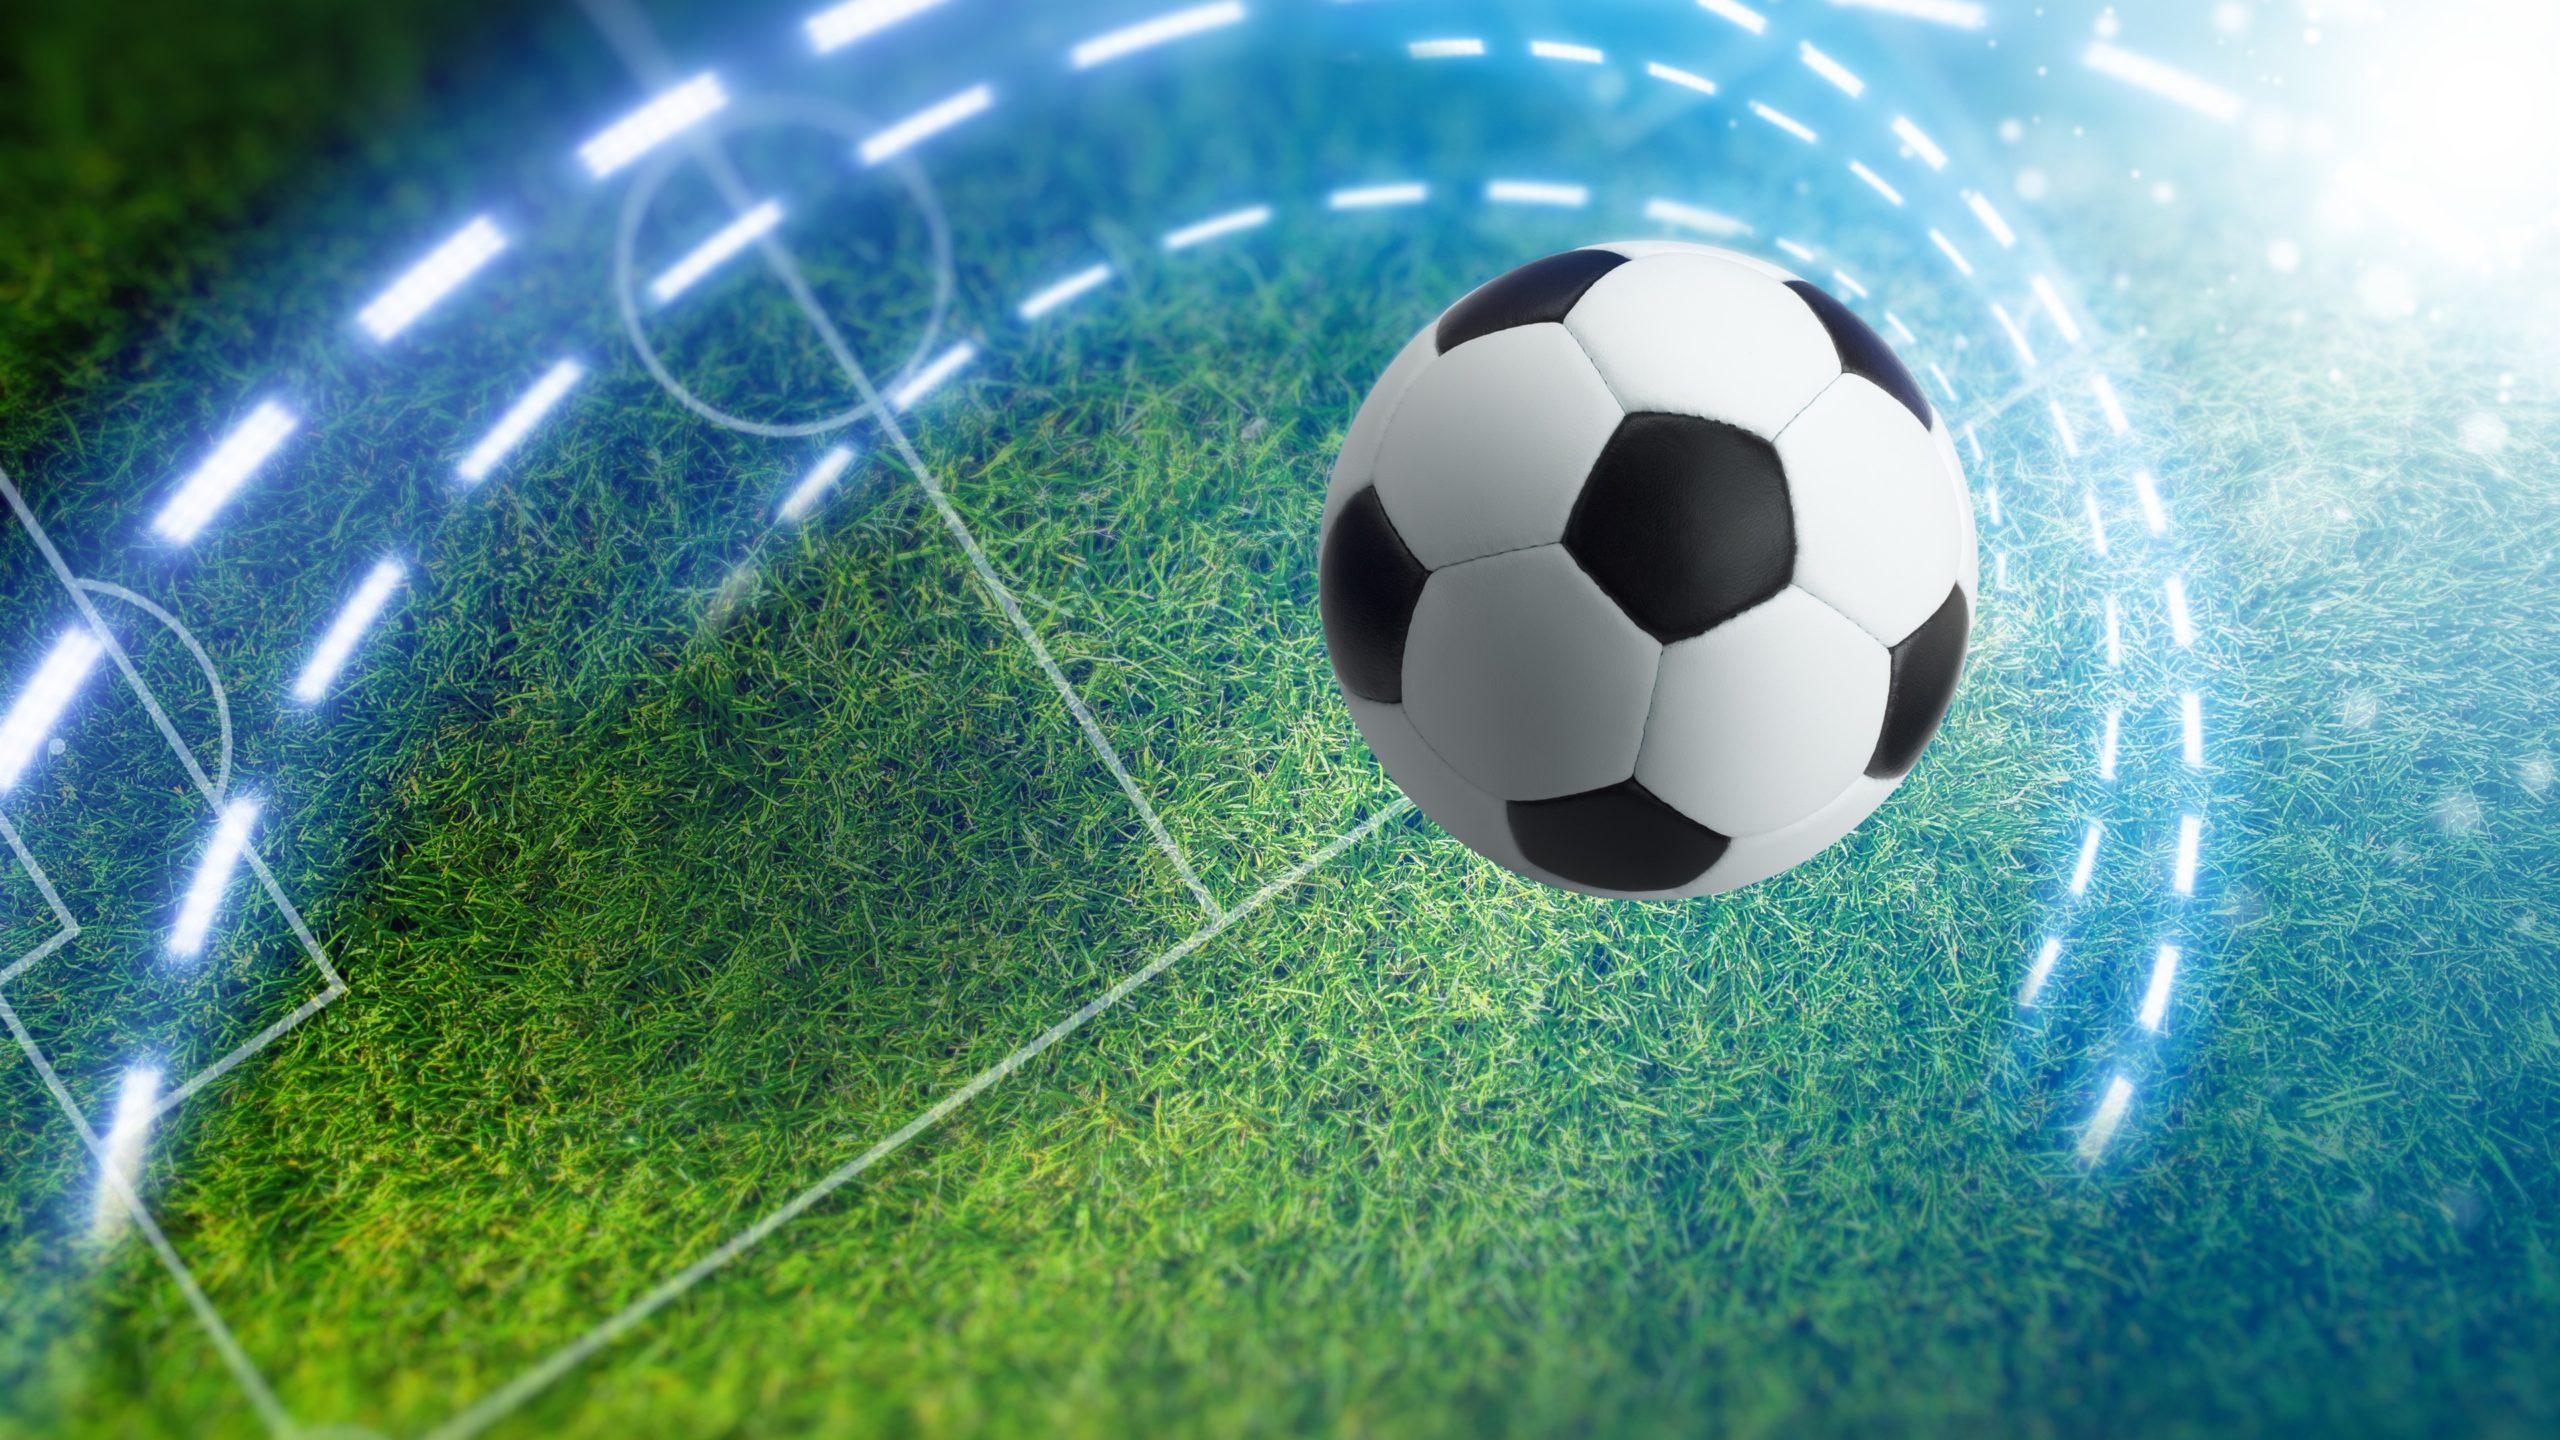 Wallpaper 4K Futbol